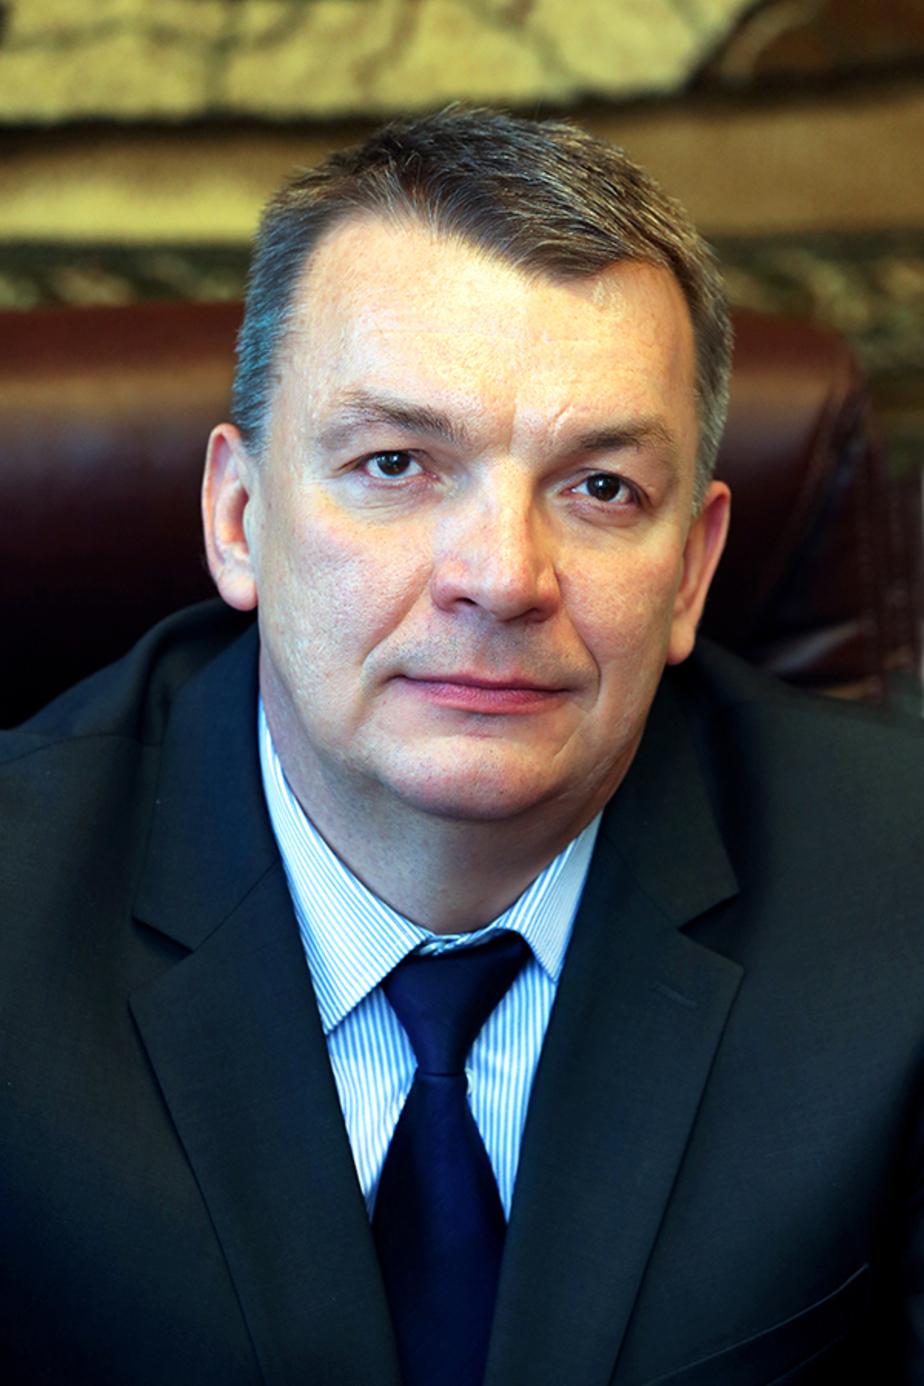 Бывший калининградский министр стал главой администрации Зеленоградска - Новости Калининграда